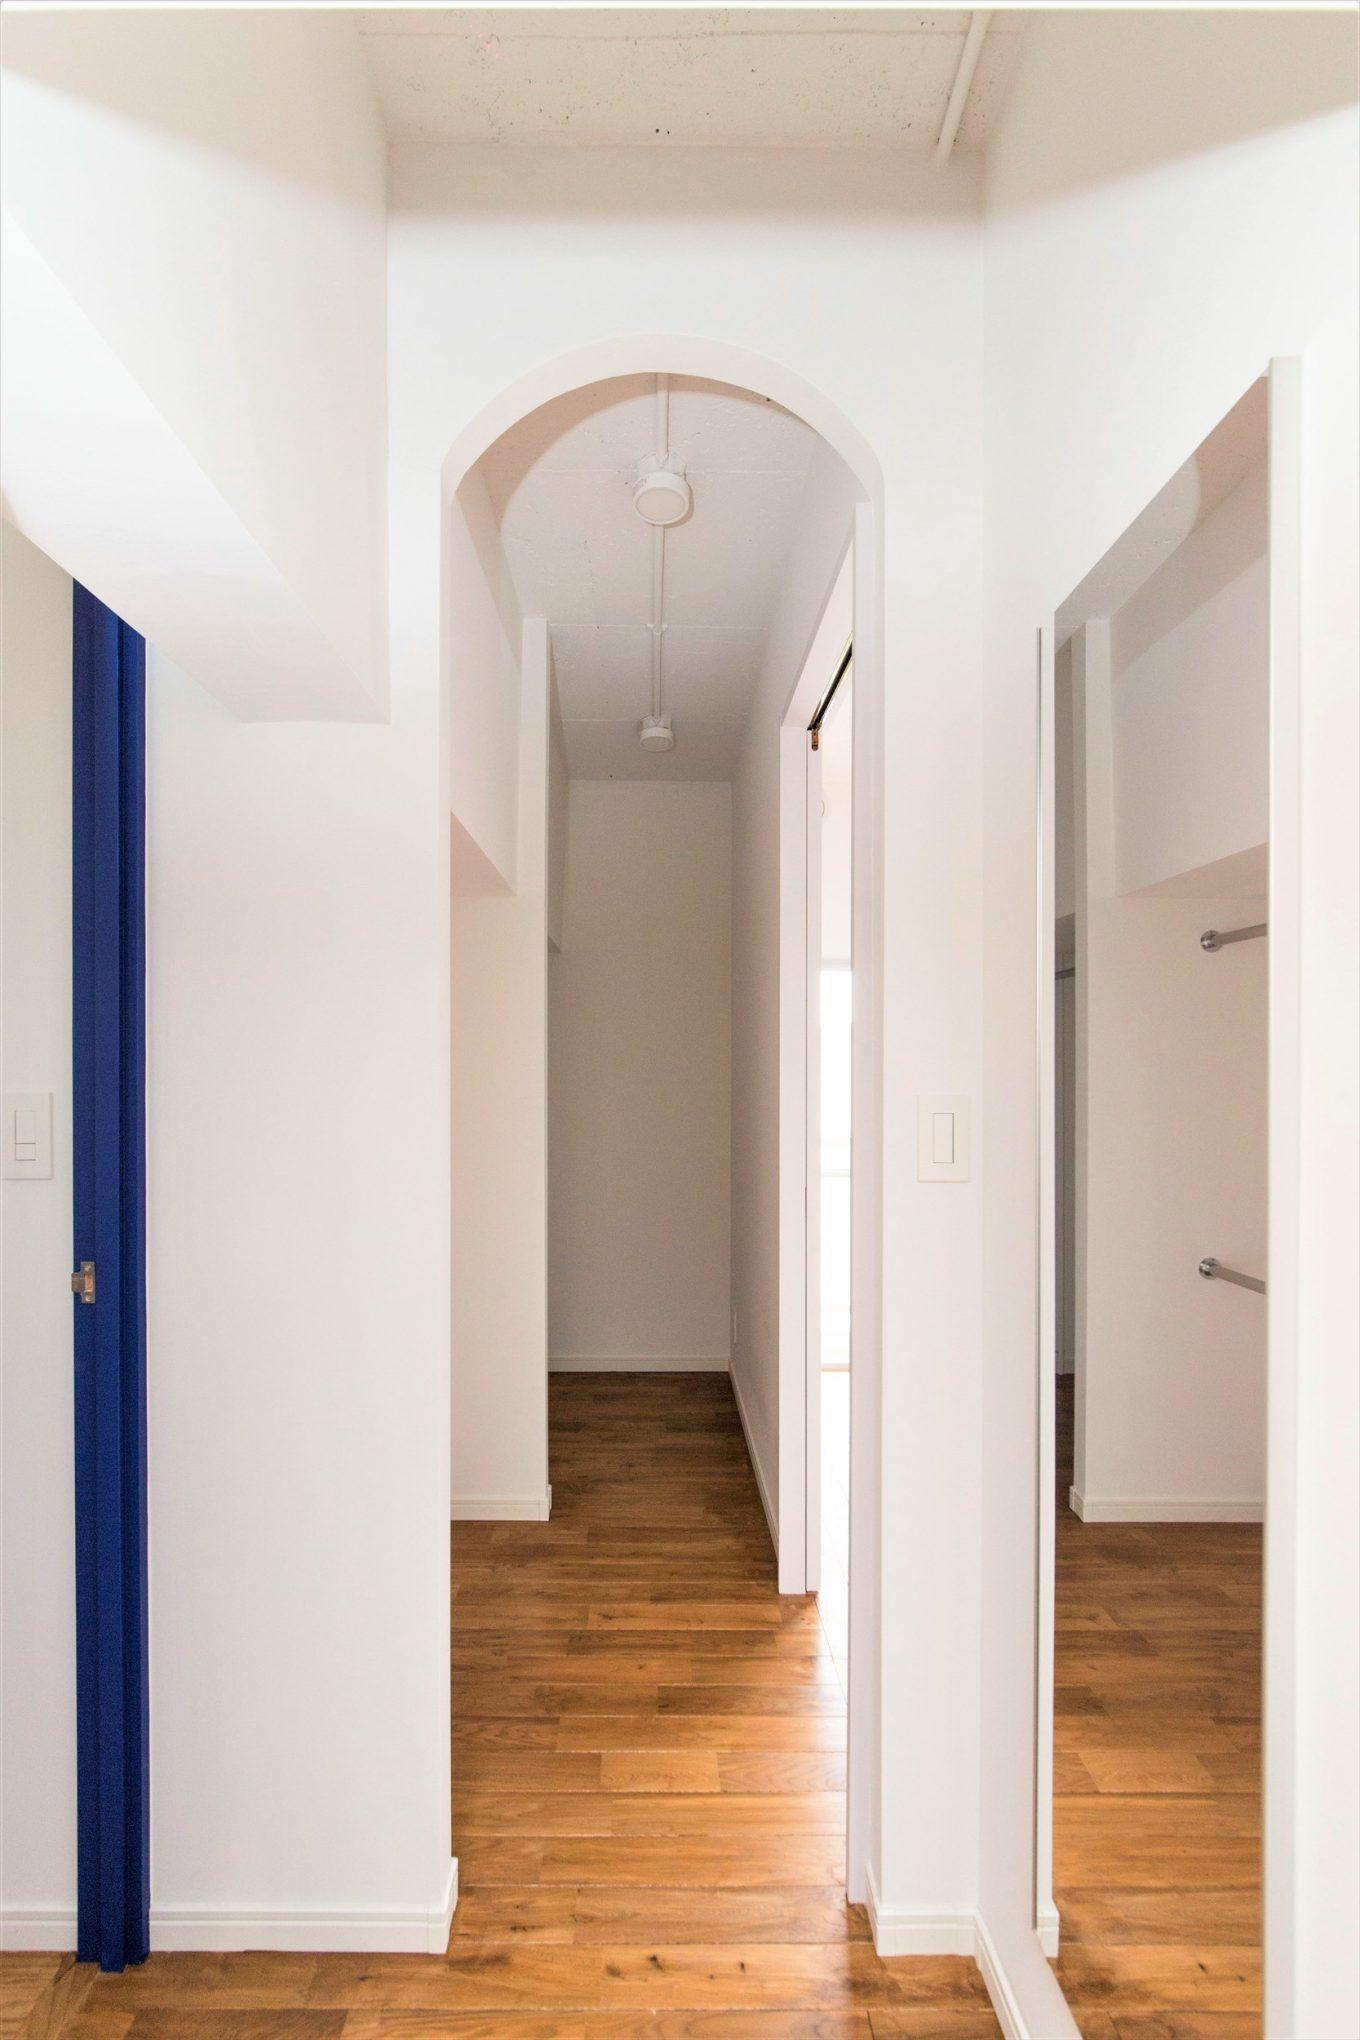 狭い廊下の上部をアーチ形にデザイン